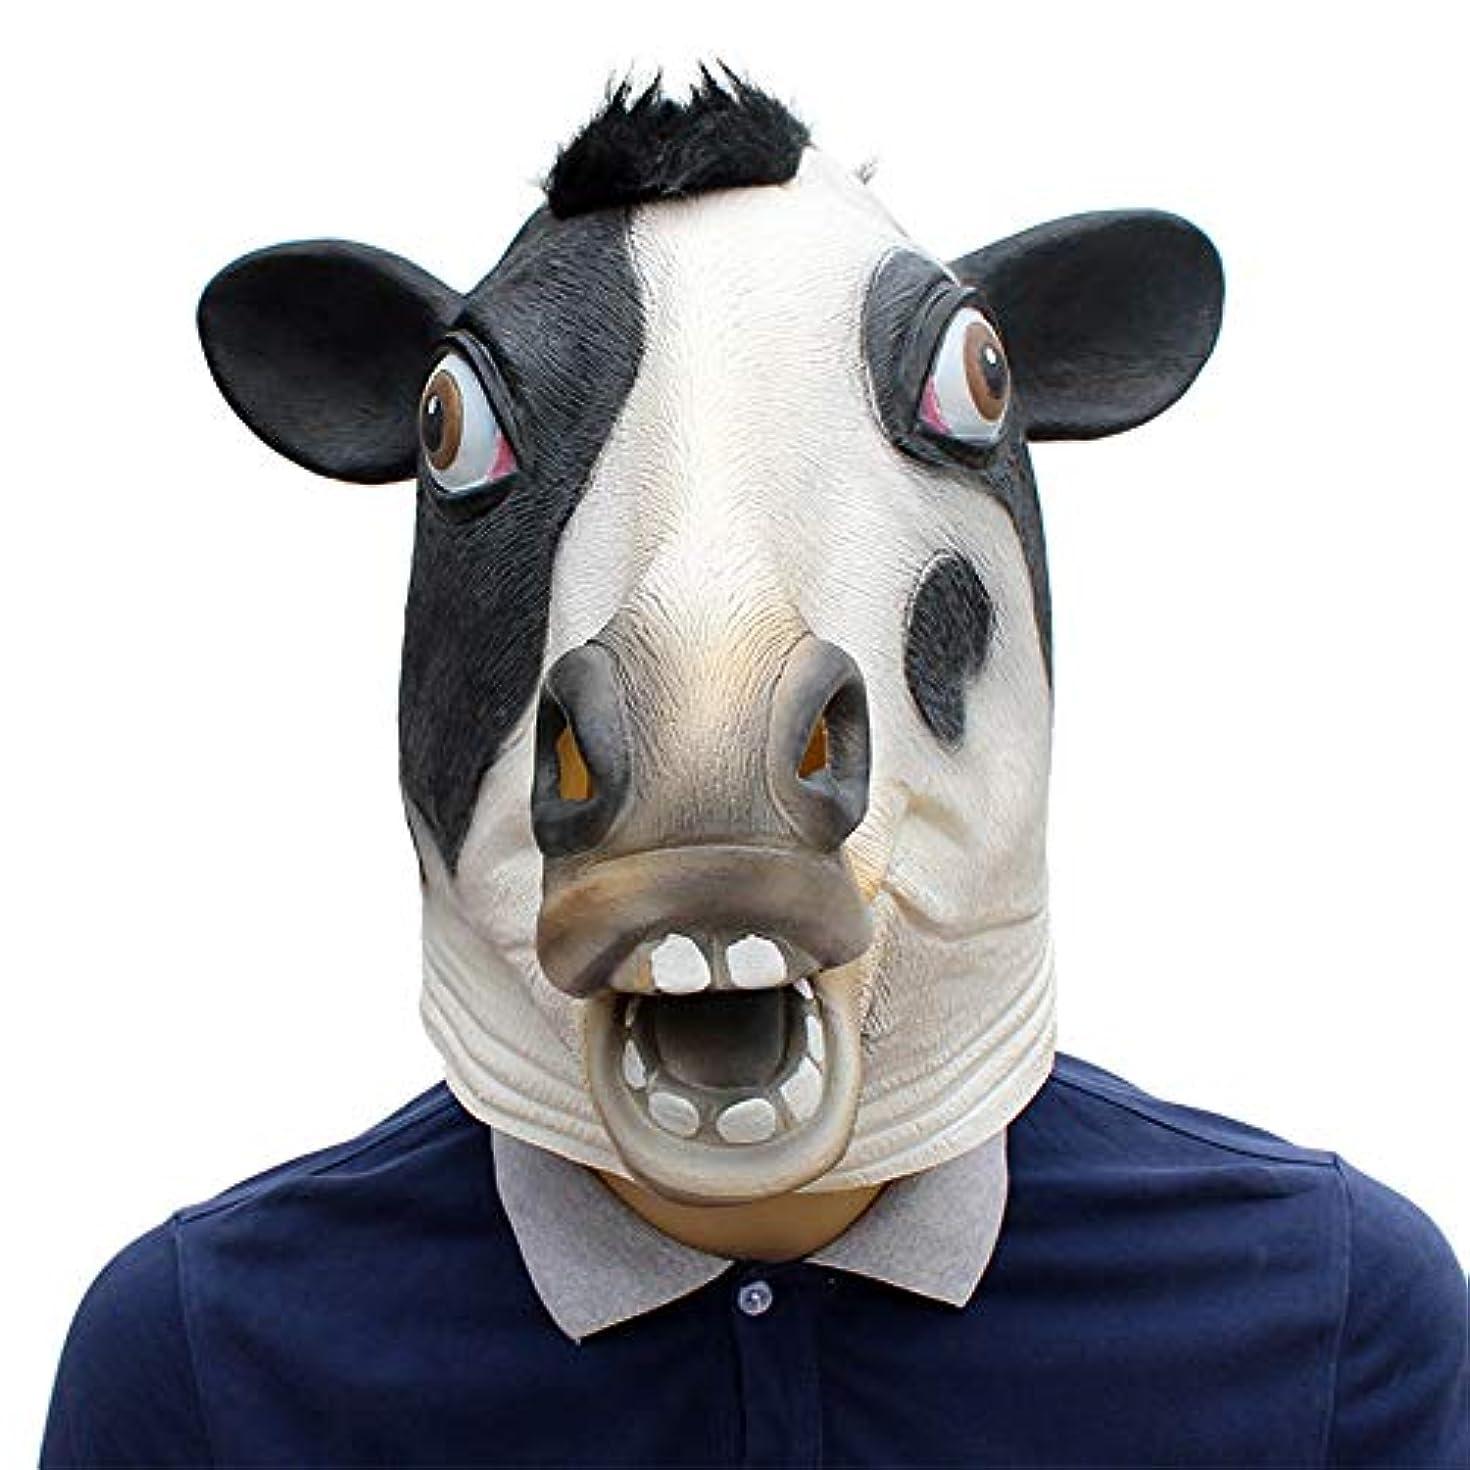 の頭の上気球気球ヘッドギアハロウィンフェスティバルパーティー用品動物牛マスクヘッドギアラテックスマスクプロムの小道具に適したバーレスクパーティーギャングバー